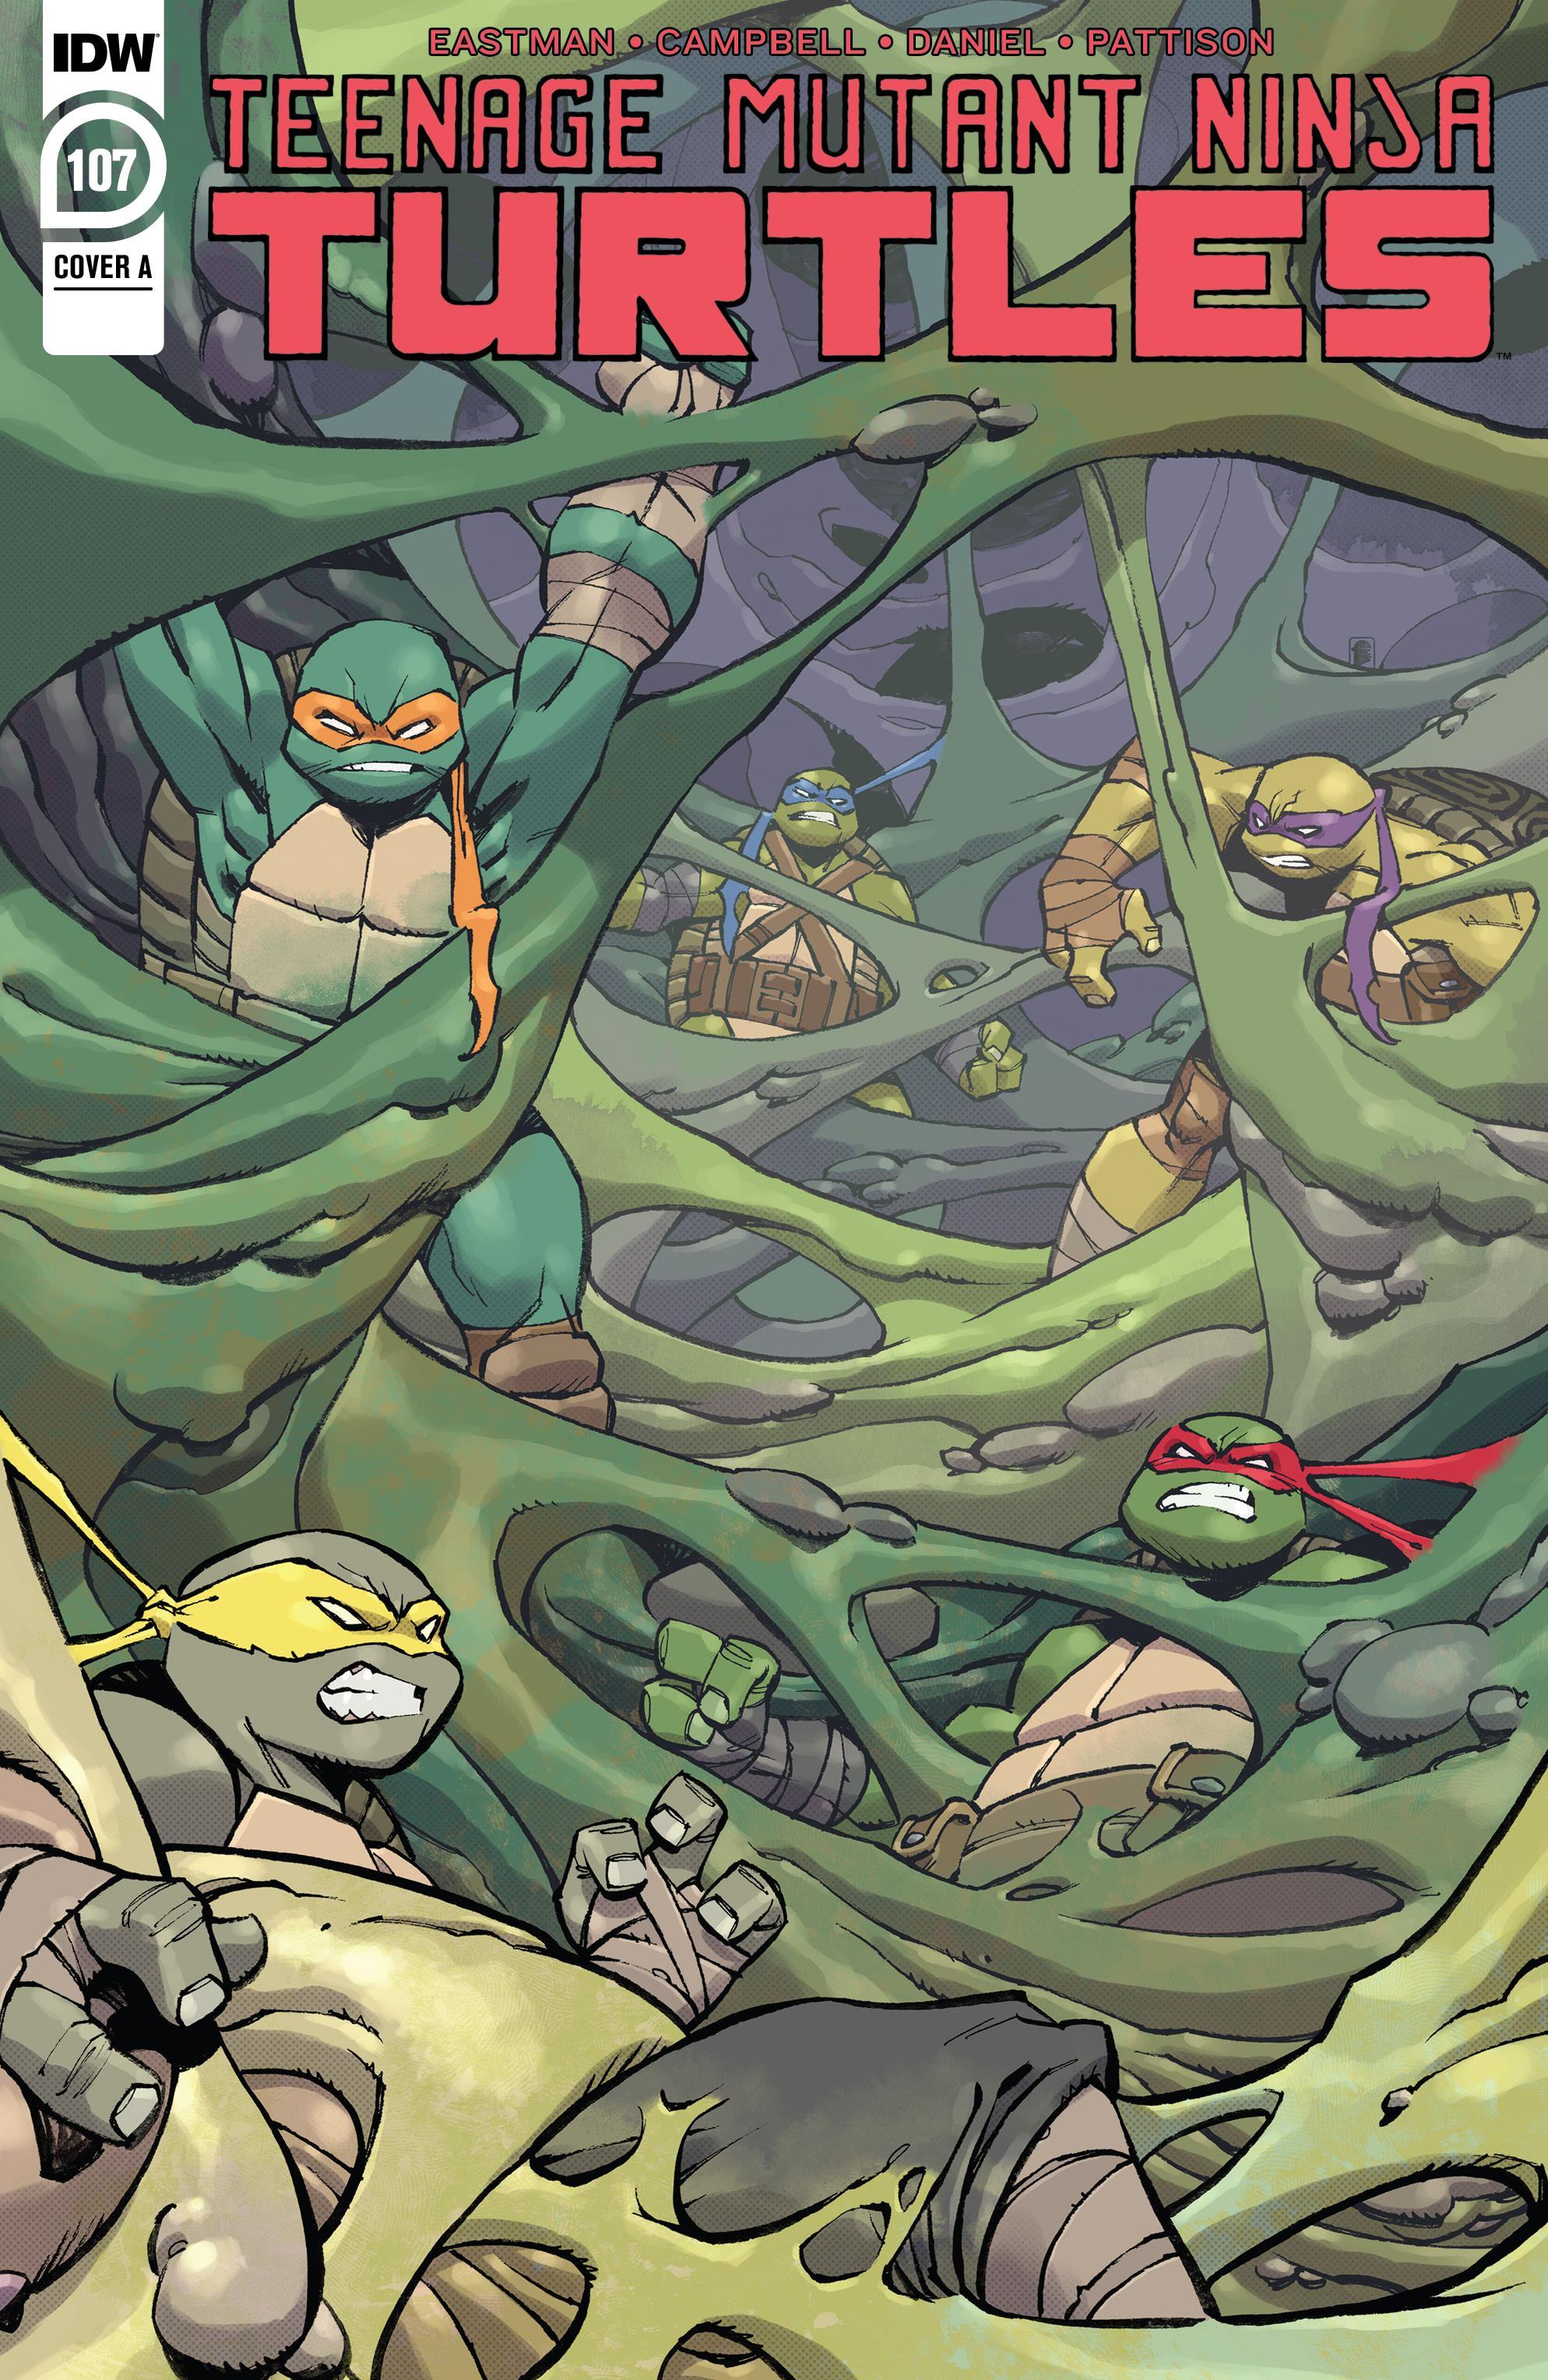 Teenage Mutant Ninja Turtles 107 2020 Digital BlackManta